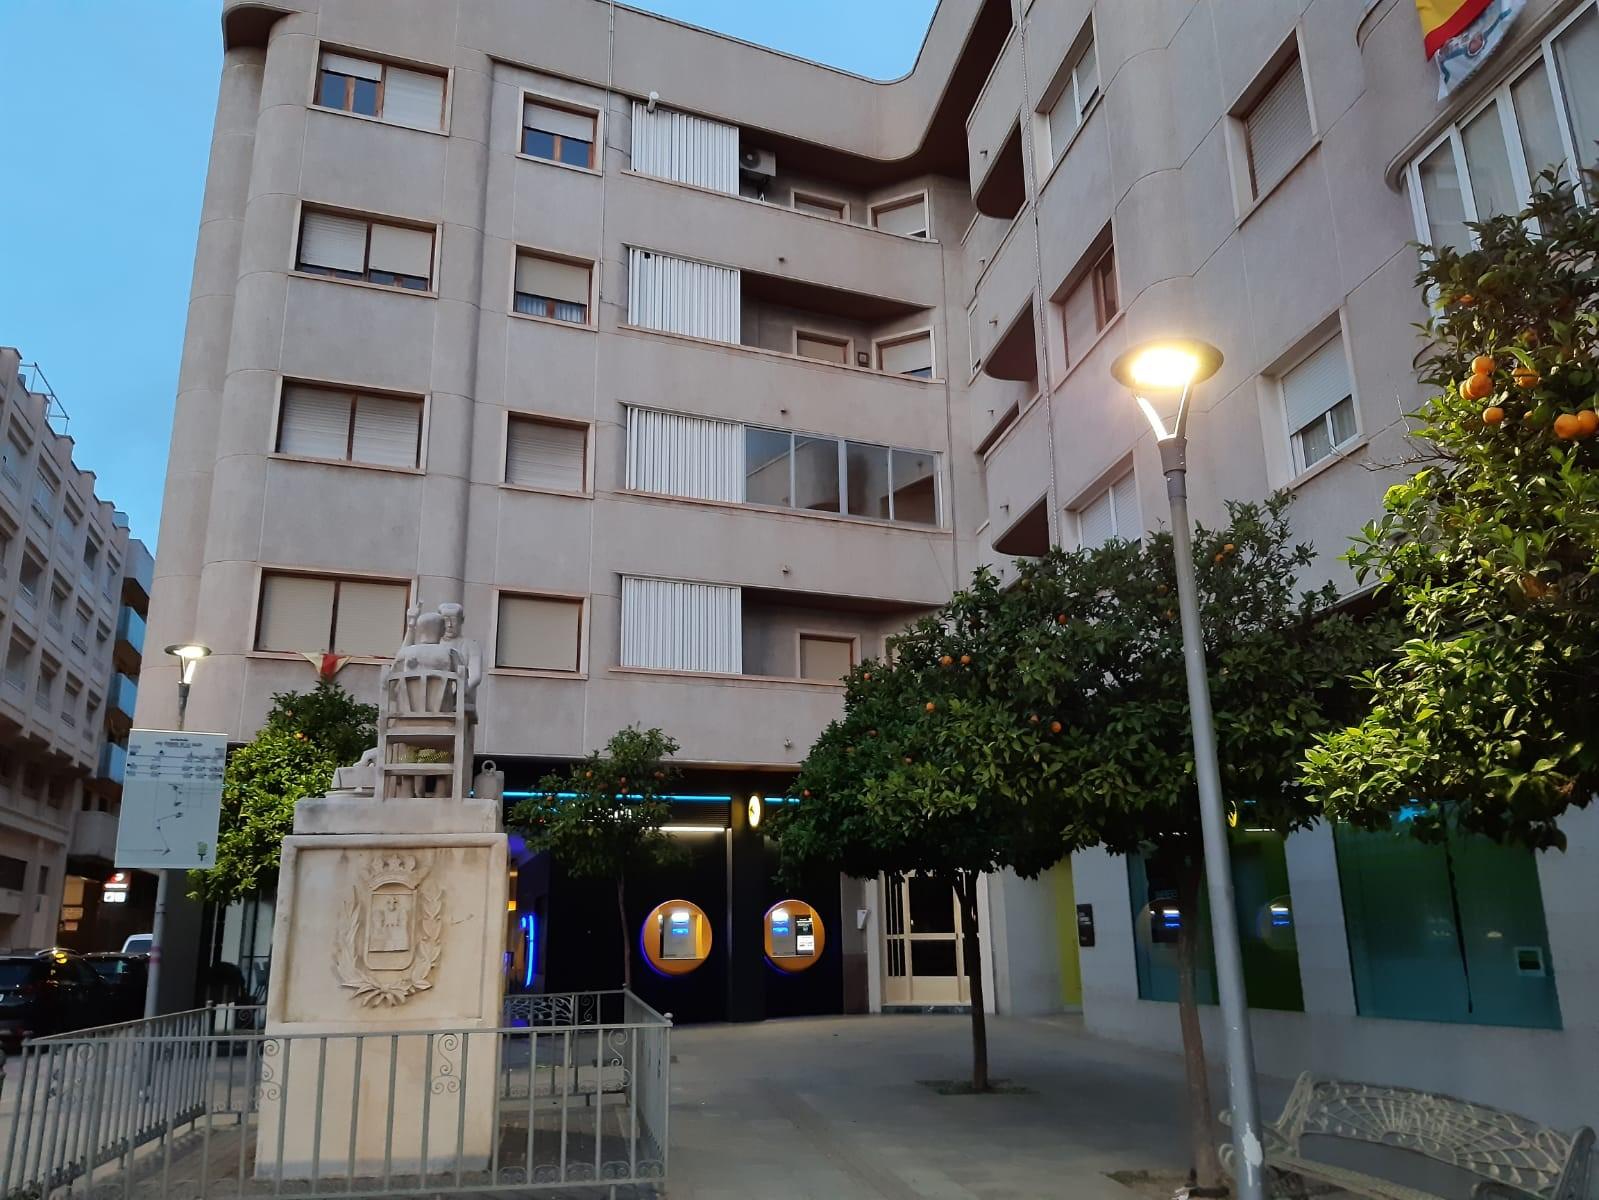 El Ayuntamiento de Elda renueva el alumbrado de la Plaza del Zapatero para mejorar la eficiencia energética y reducir el consumo